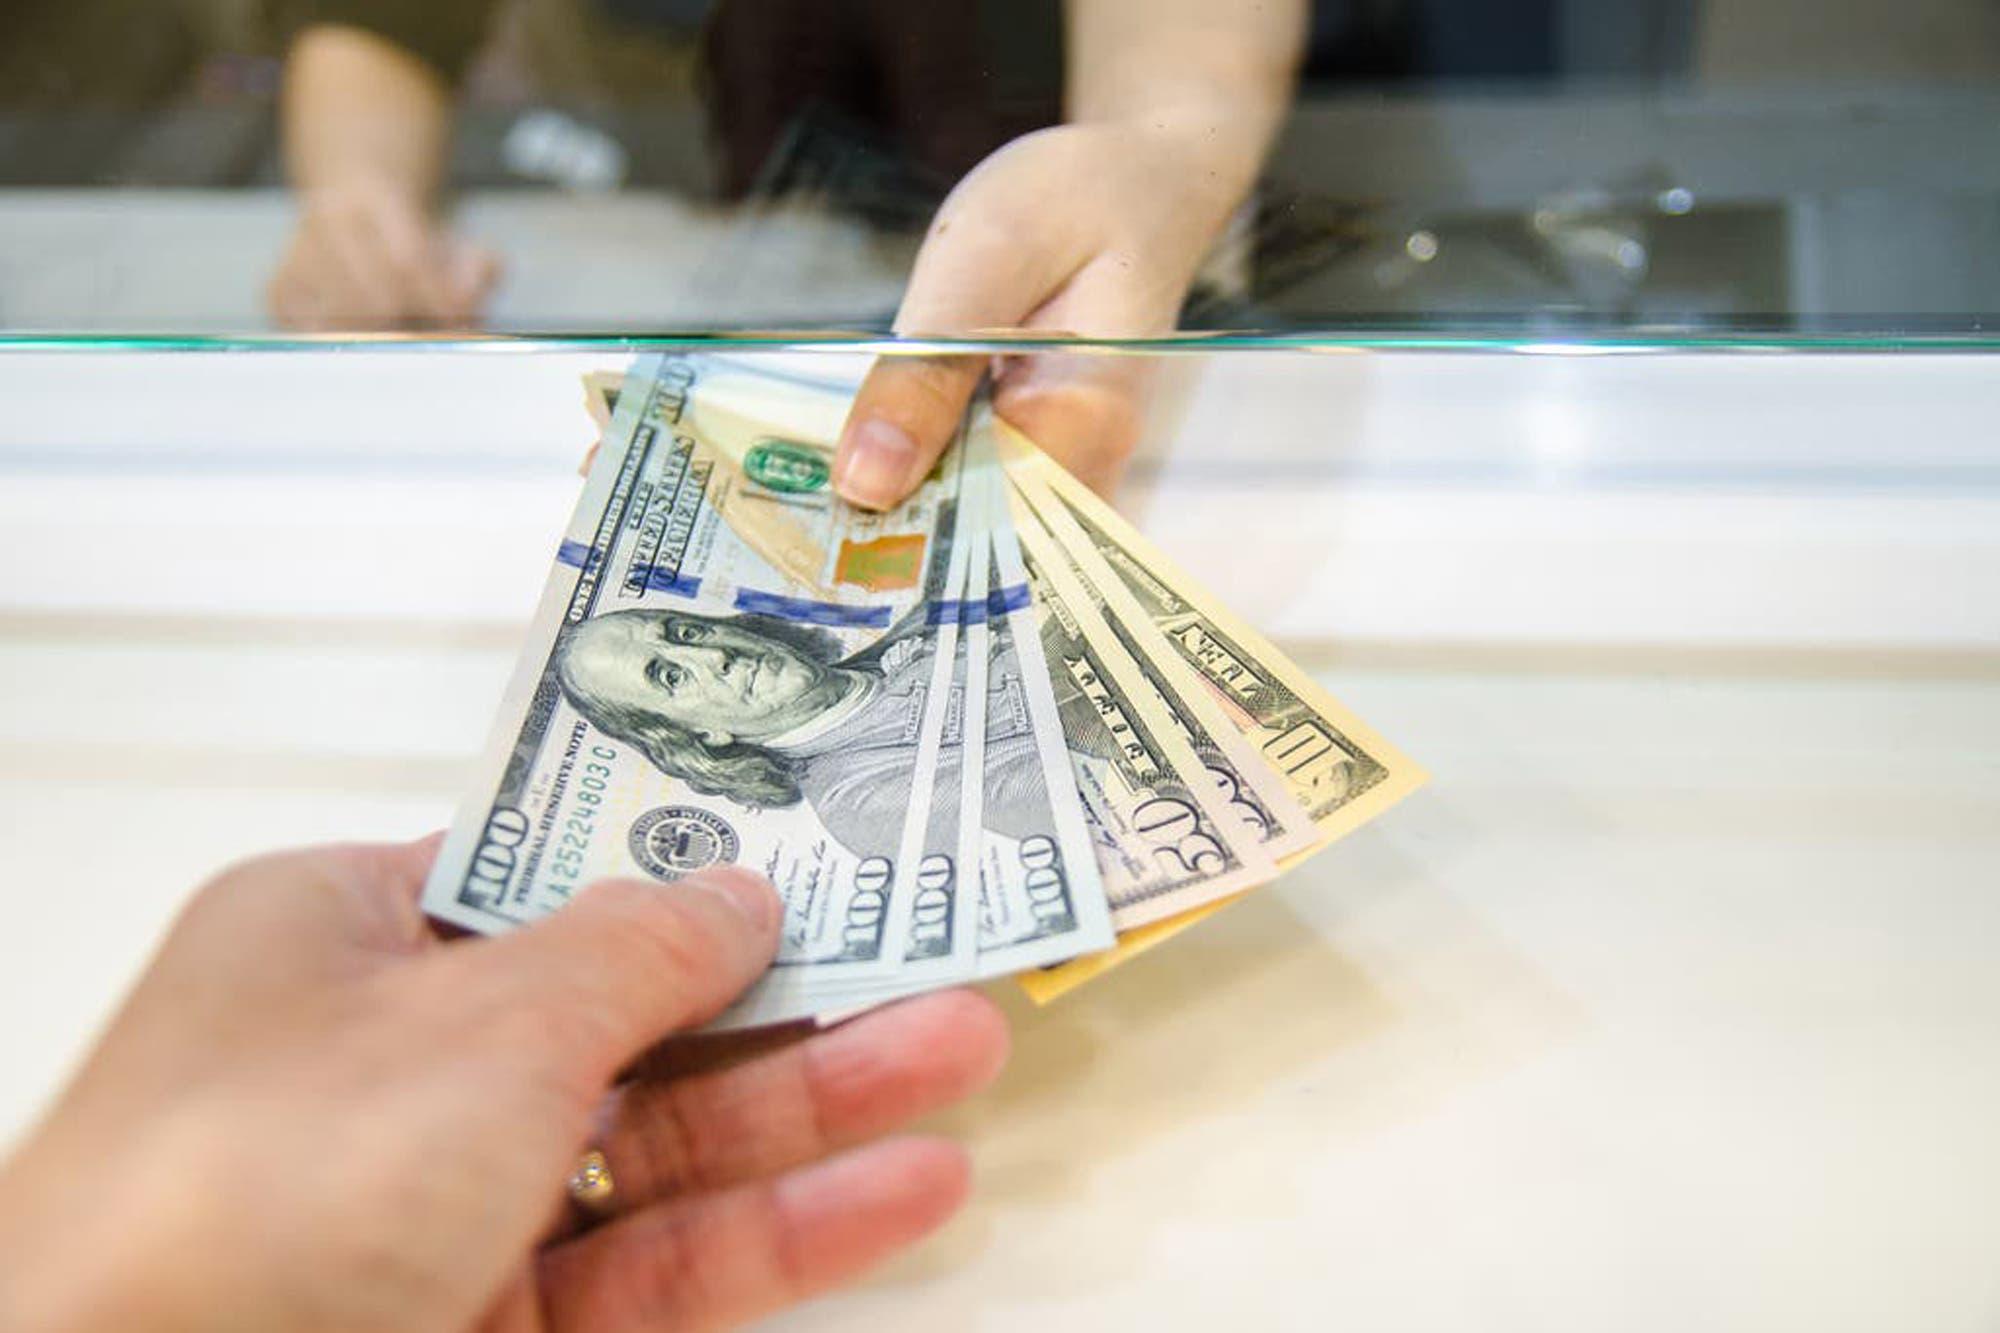 Dólar blue hoy: a cuánto cotiza el jueves 21 de noviembre